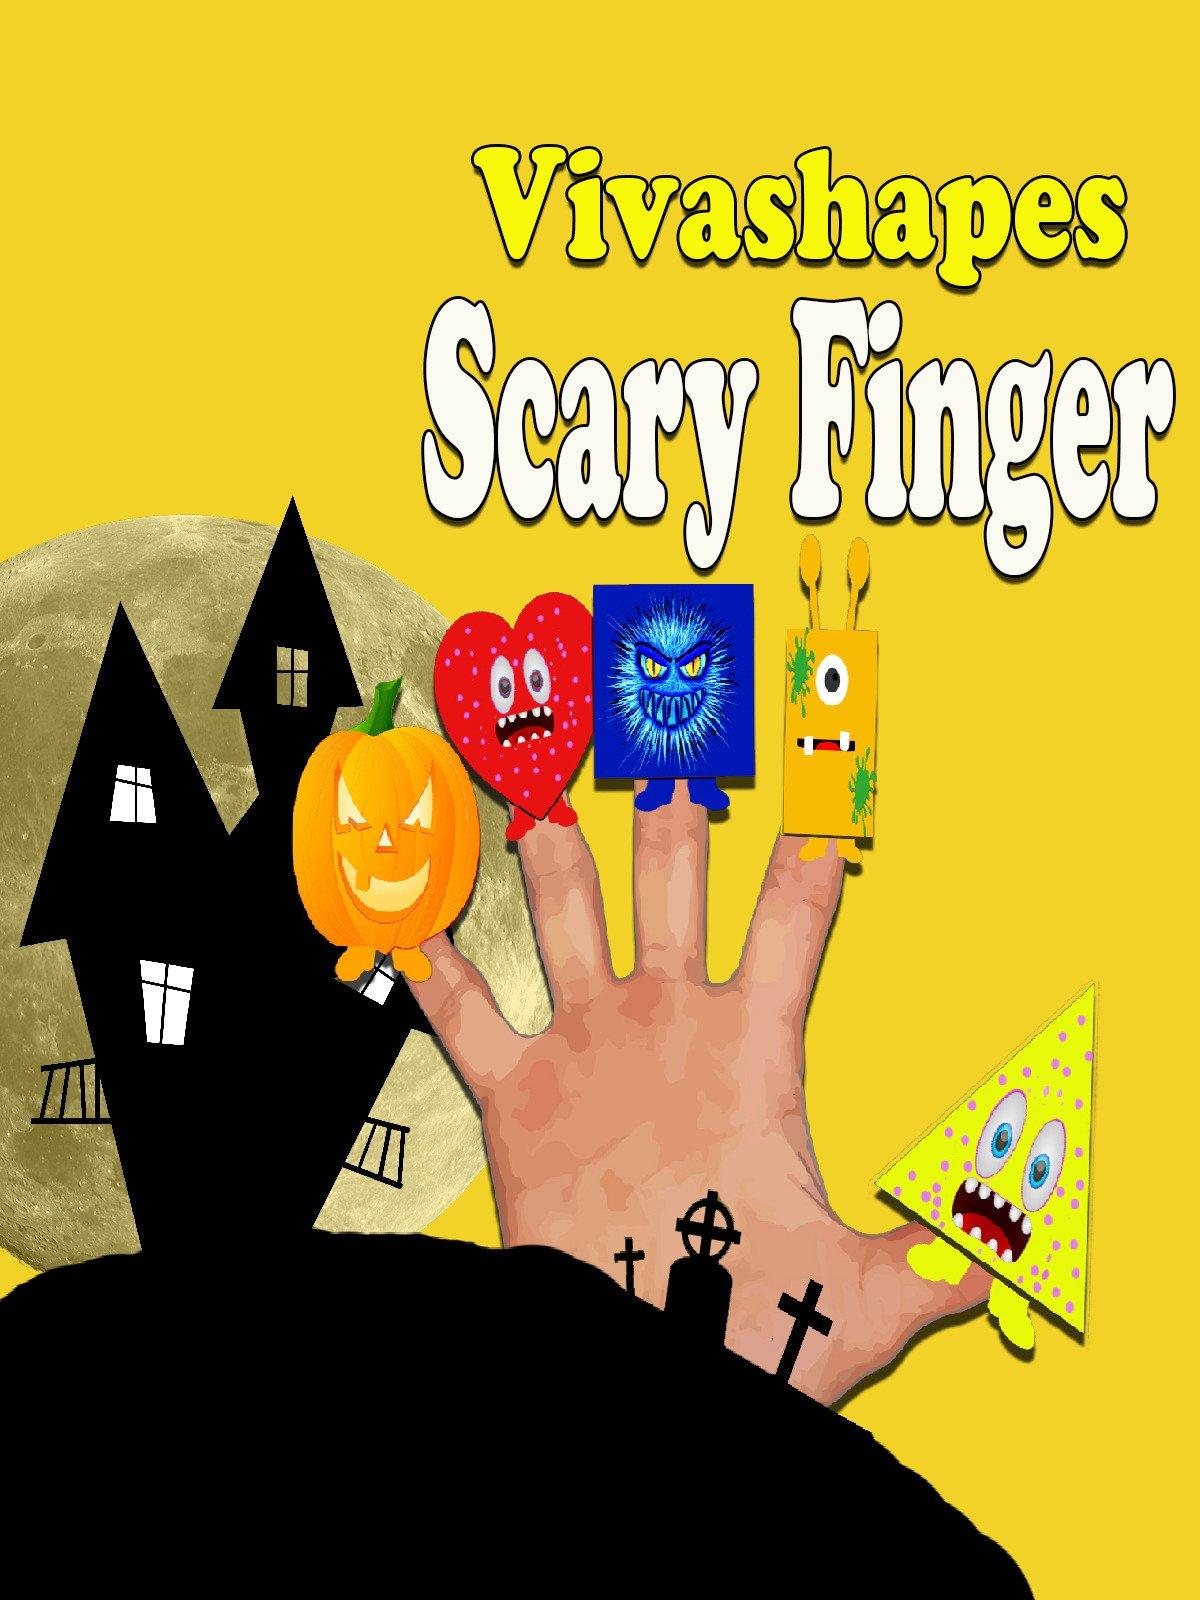 Vivashapes Scary finger.